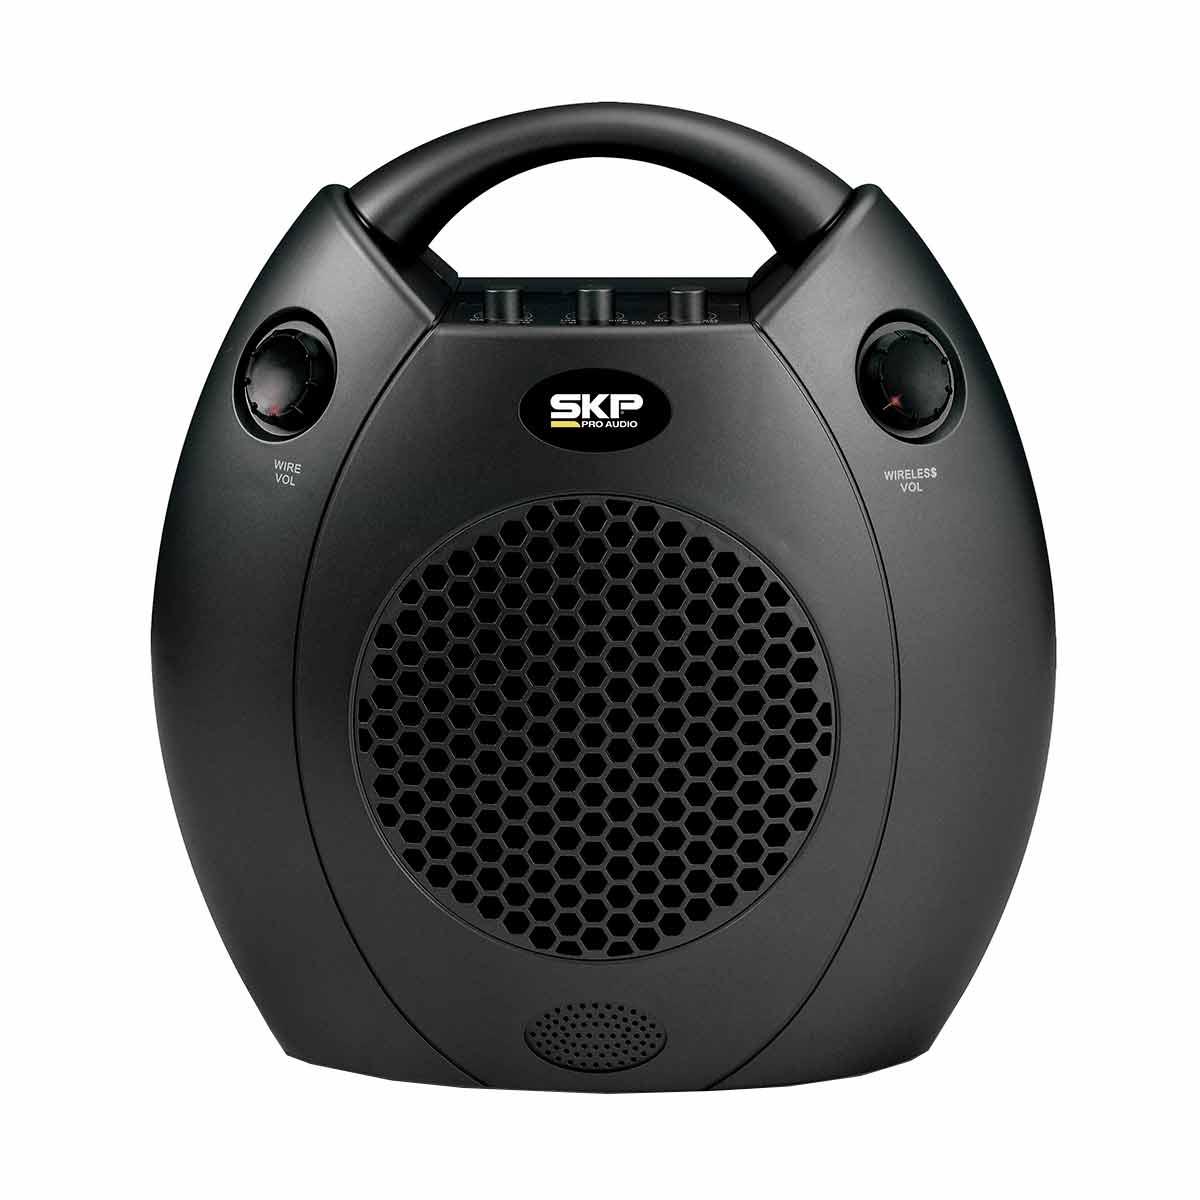 TH211 - Kit Professor Port�til c/ Caixa + Microfone s/ Fio Globetrotter TH 211 - SKP